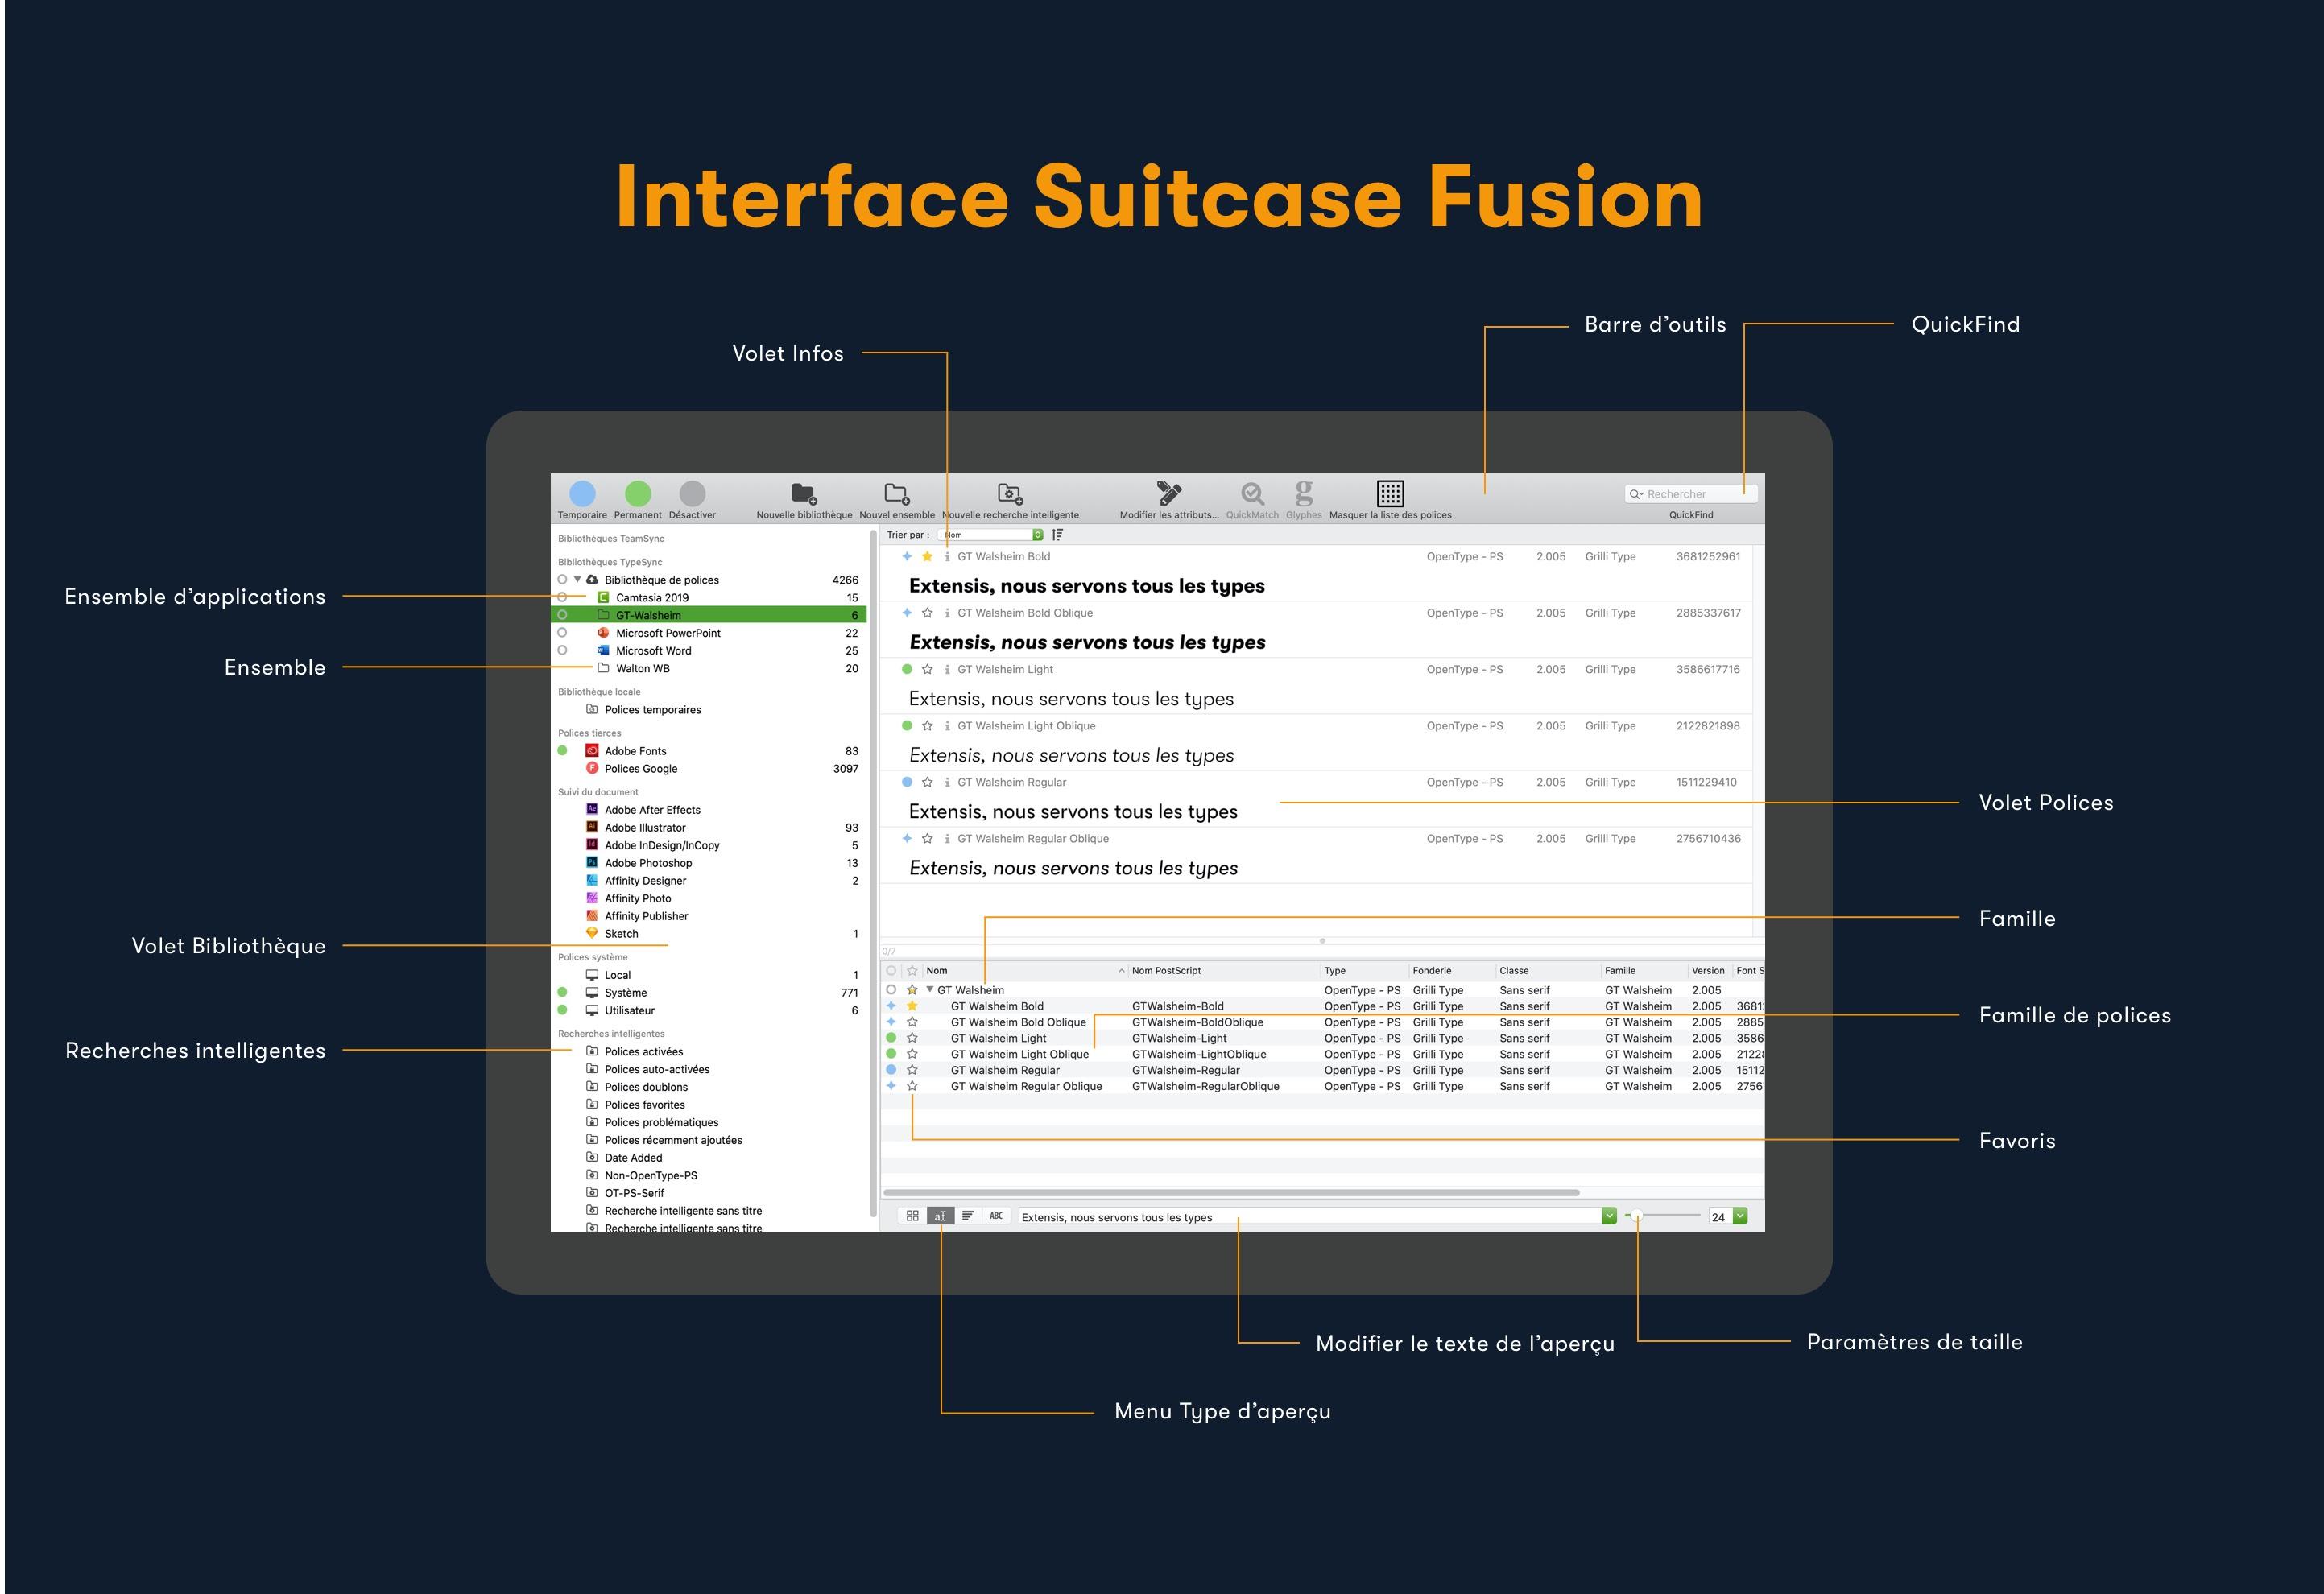 D-suitcase-fusion-interface-01a-FR-D